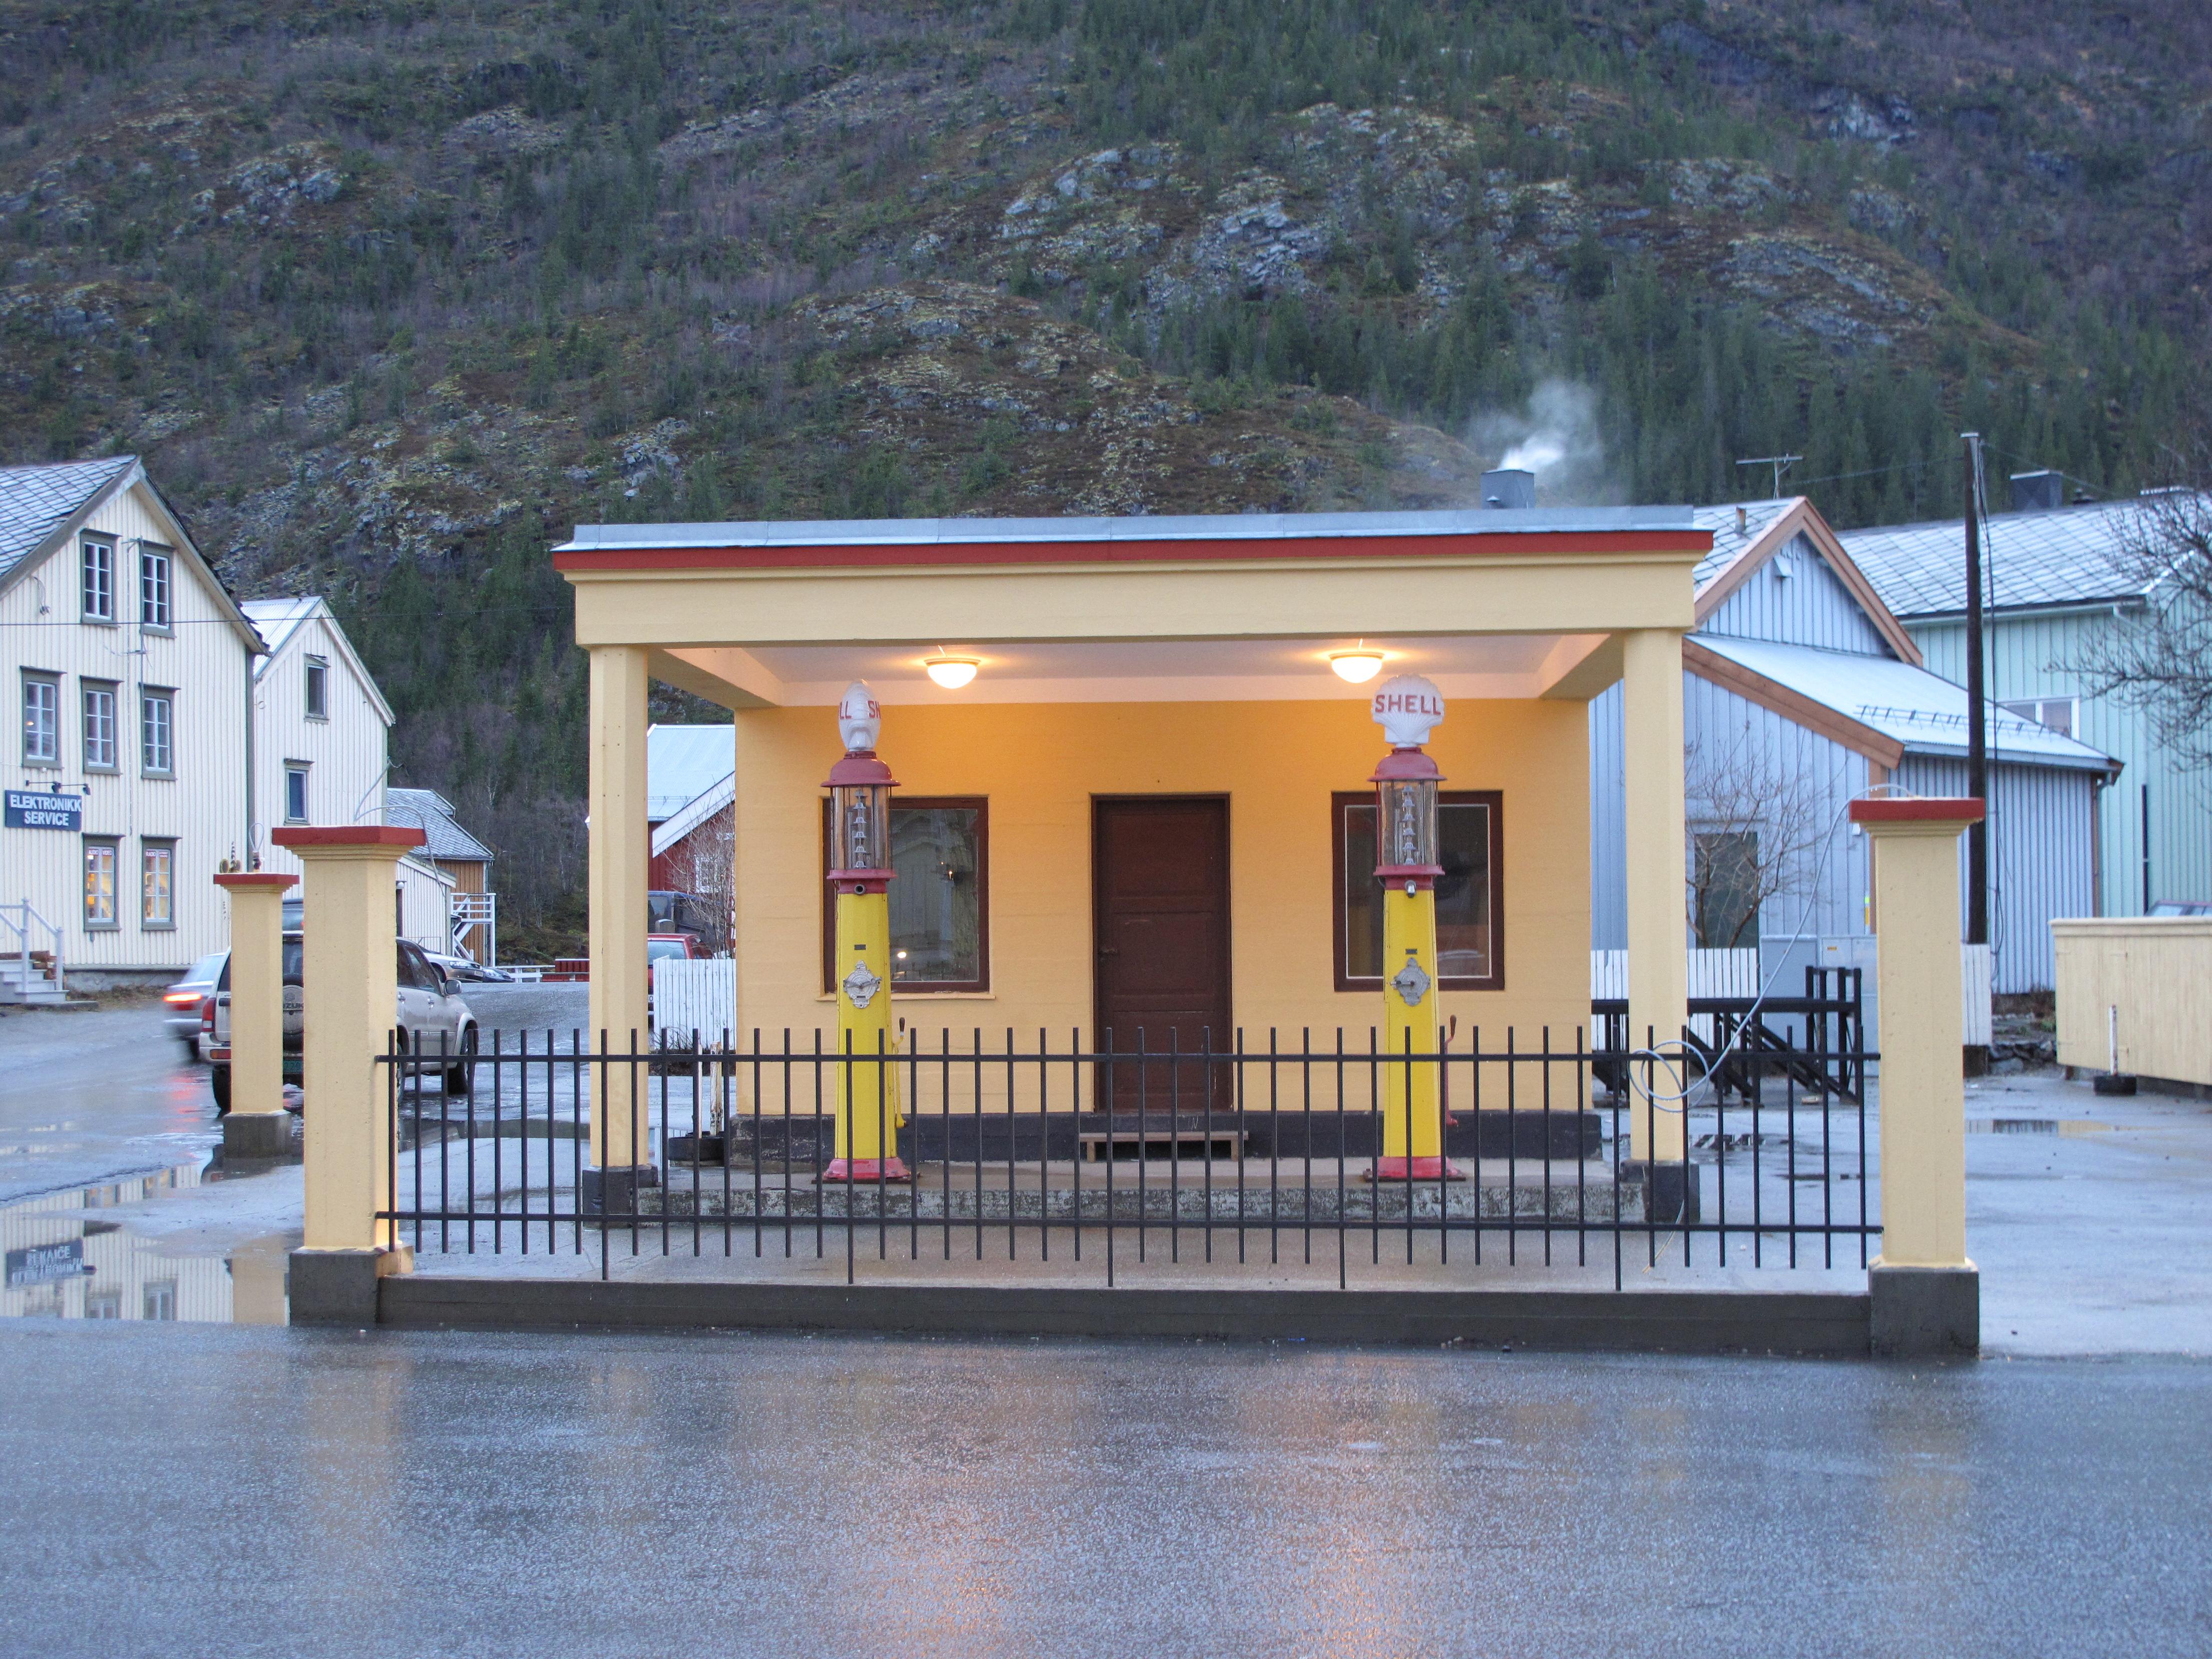 Bilde av den fredete Shell-stasjonen i Mosjøen. Foto: Nordland fylkeskommune